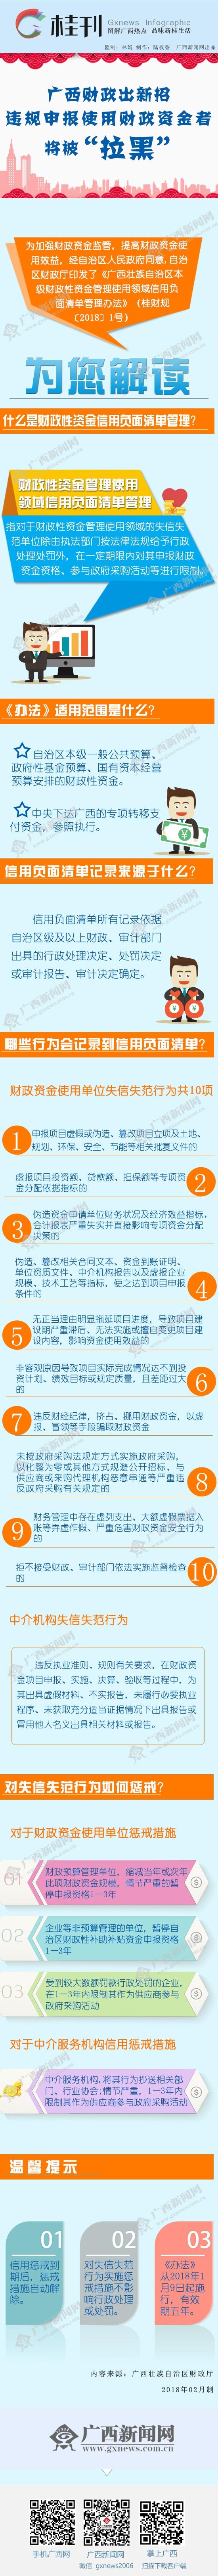 """【桂刊】广西财政出新招:违规申报使用财政资金者将被""""拉黑"""""""